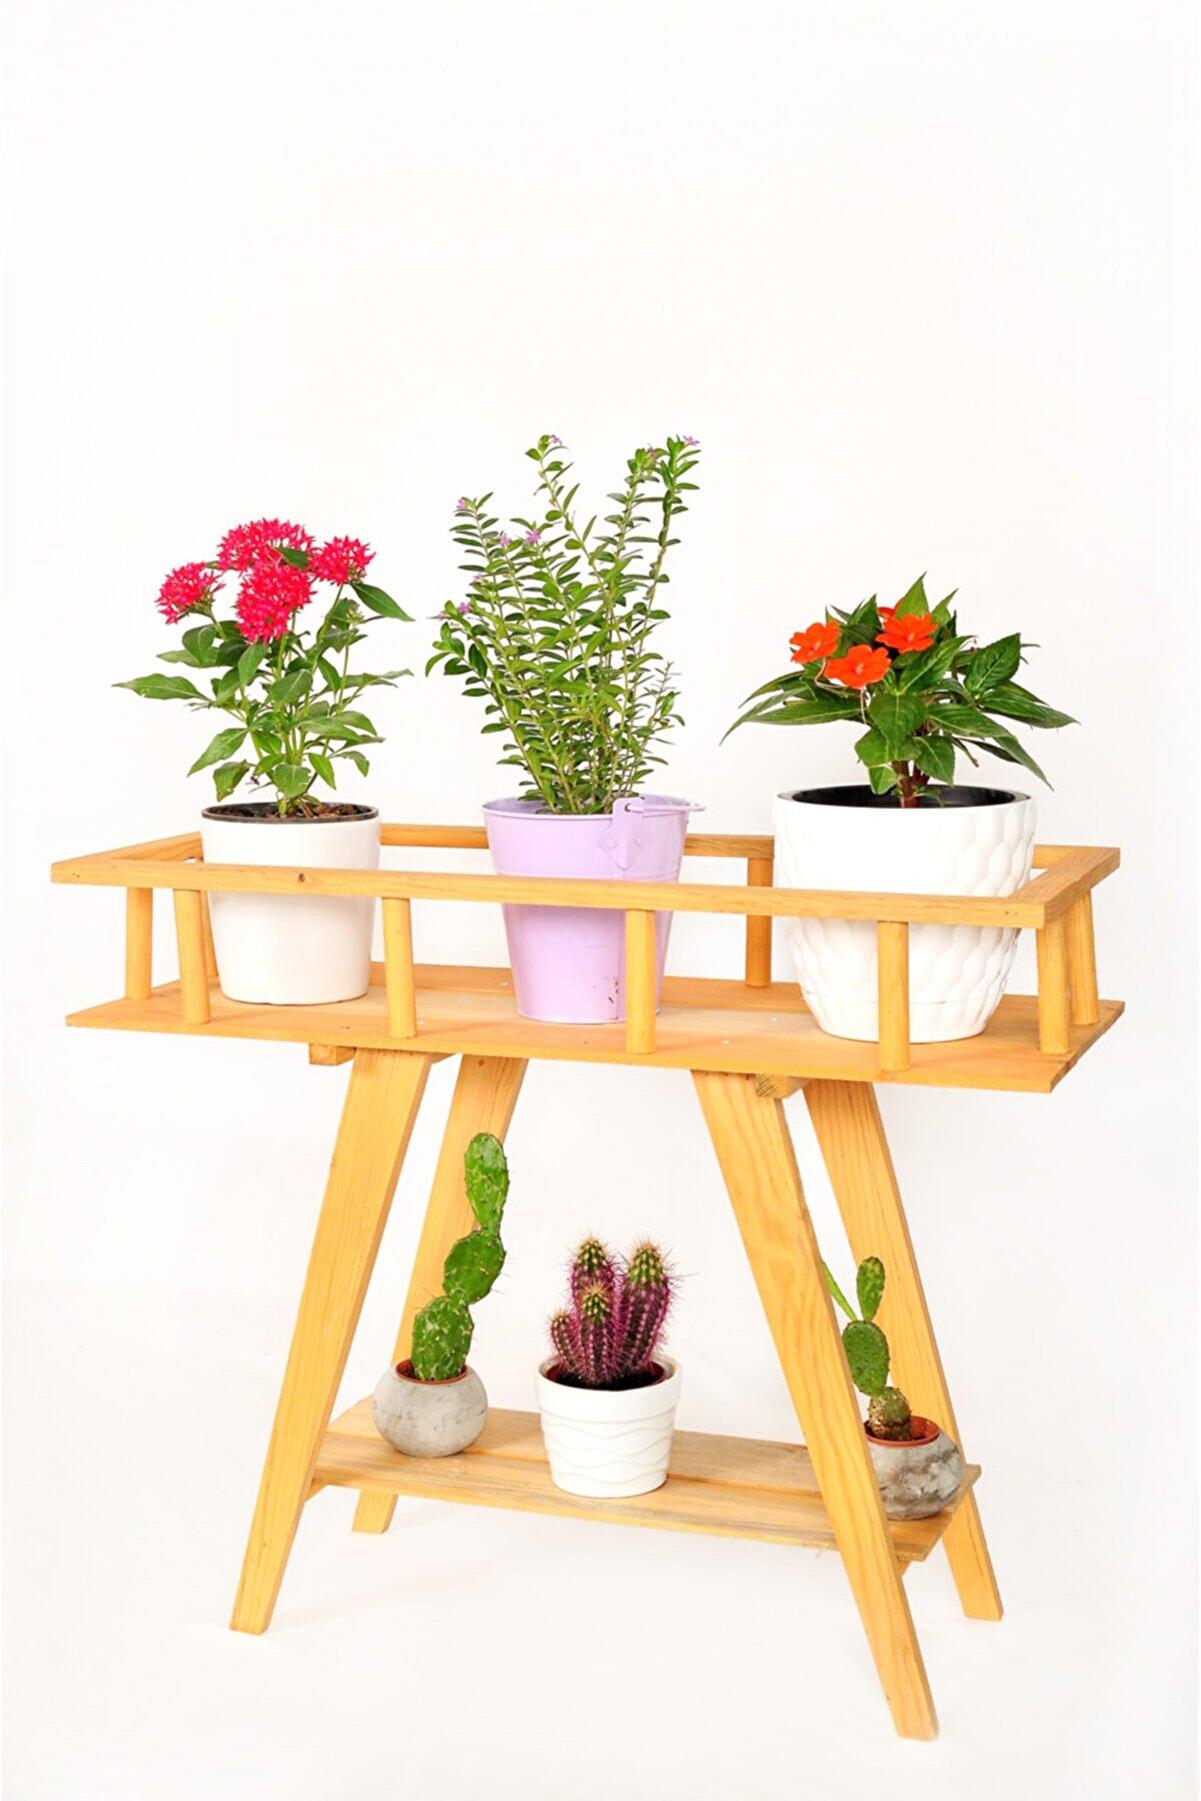 Tahta Bahçesi Saksı Standı - Çiçeklik Rafı - Ahşap Saksılık - Bahçe Dekorasyon Tb015